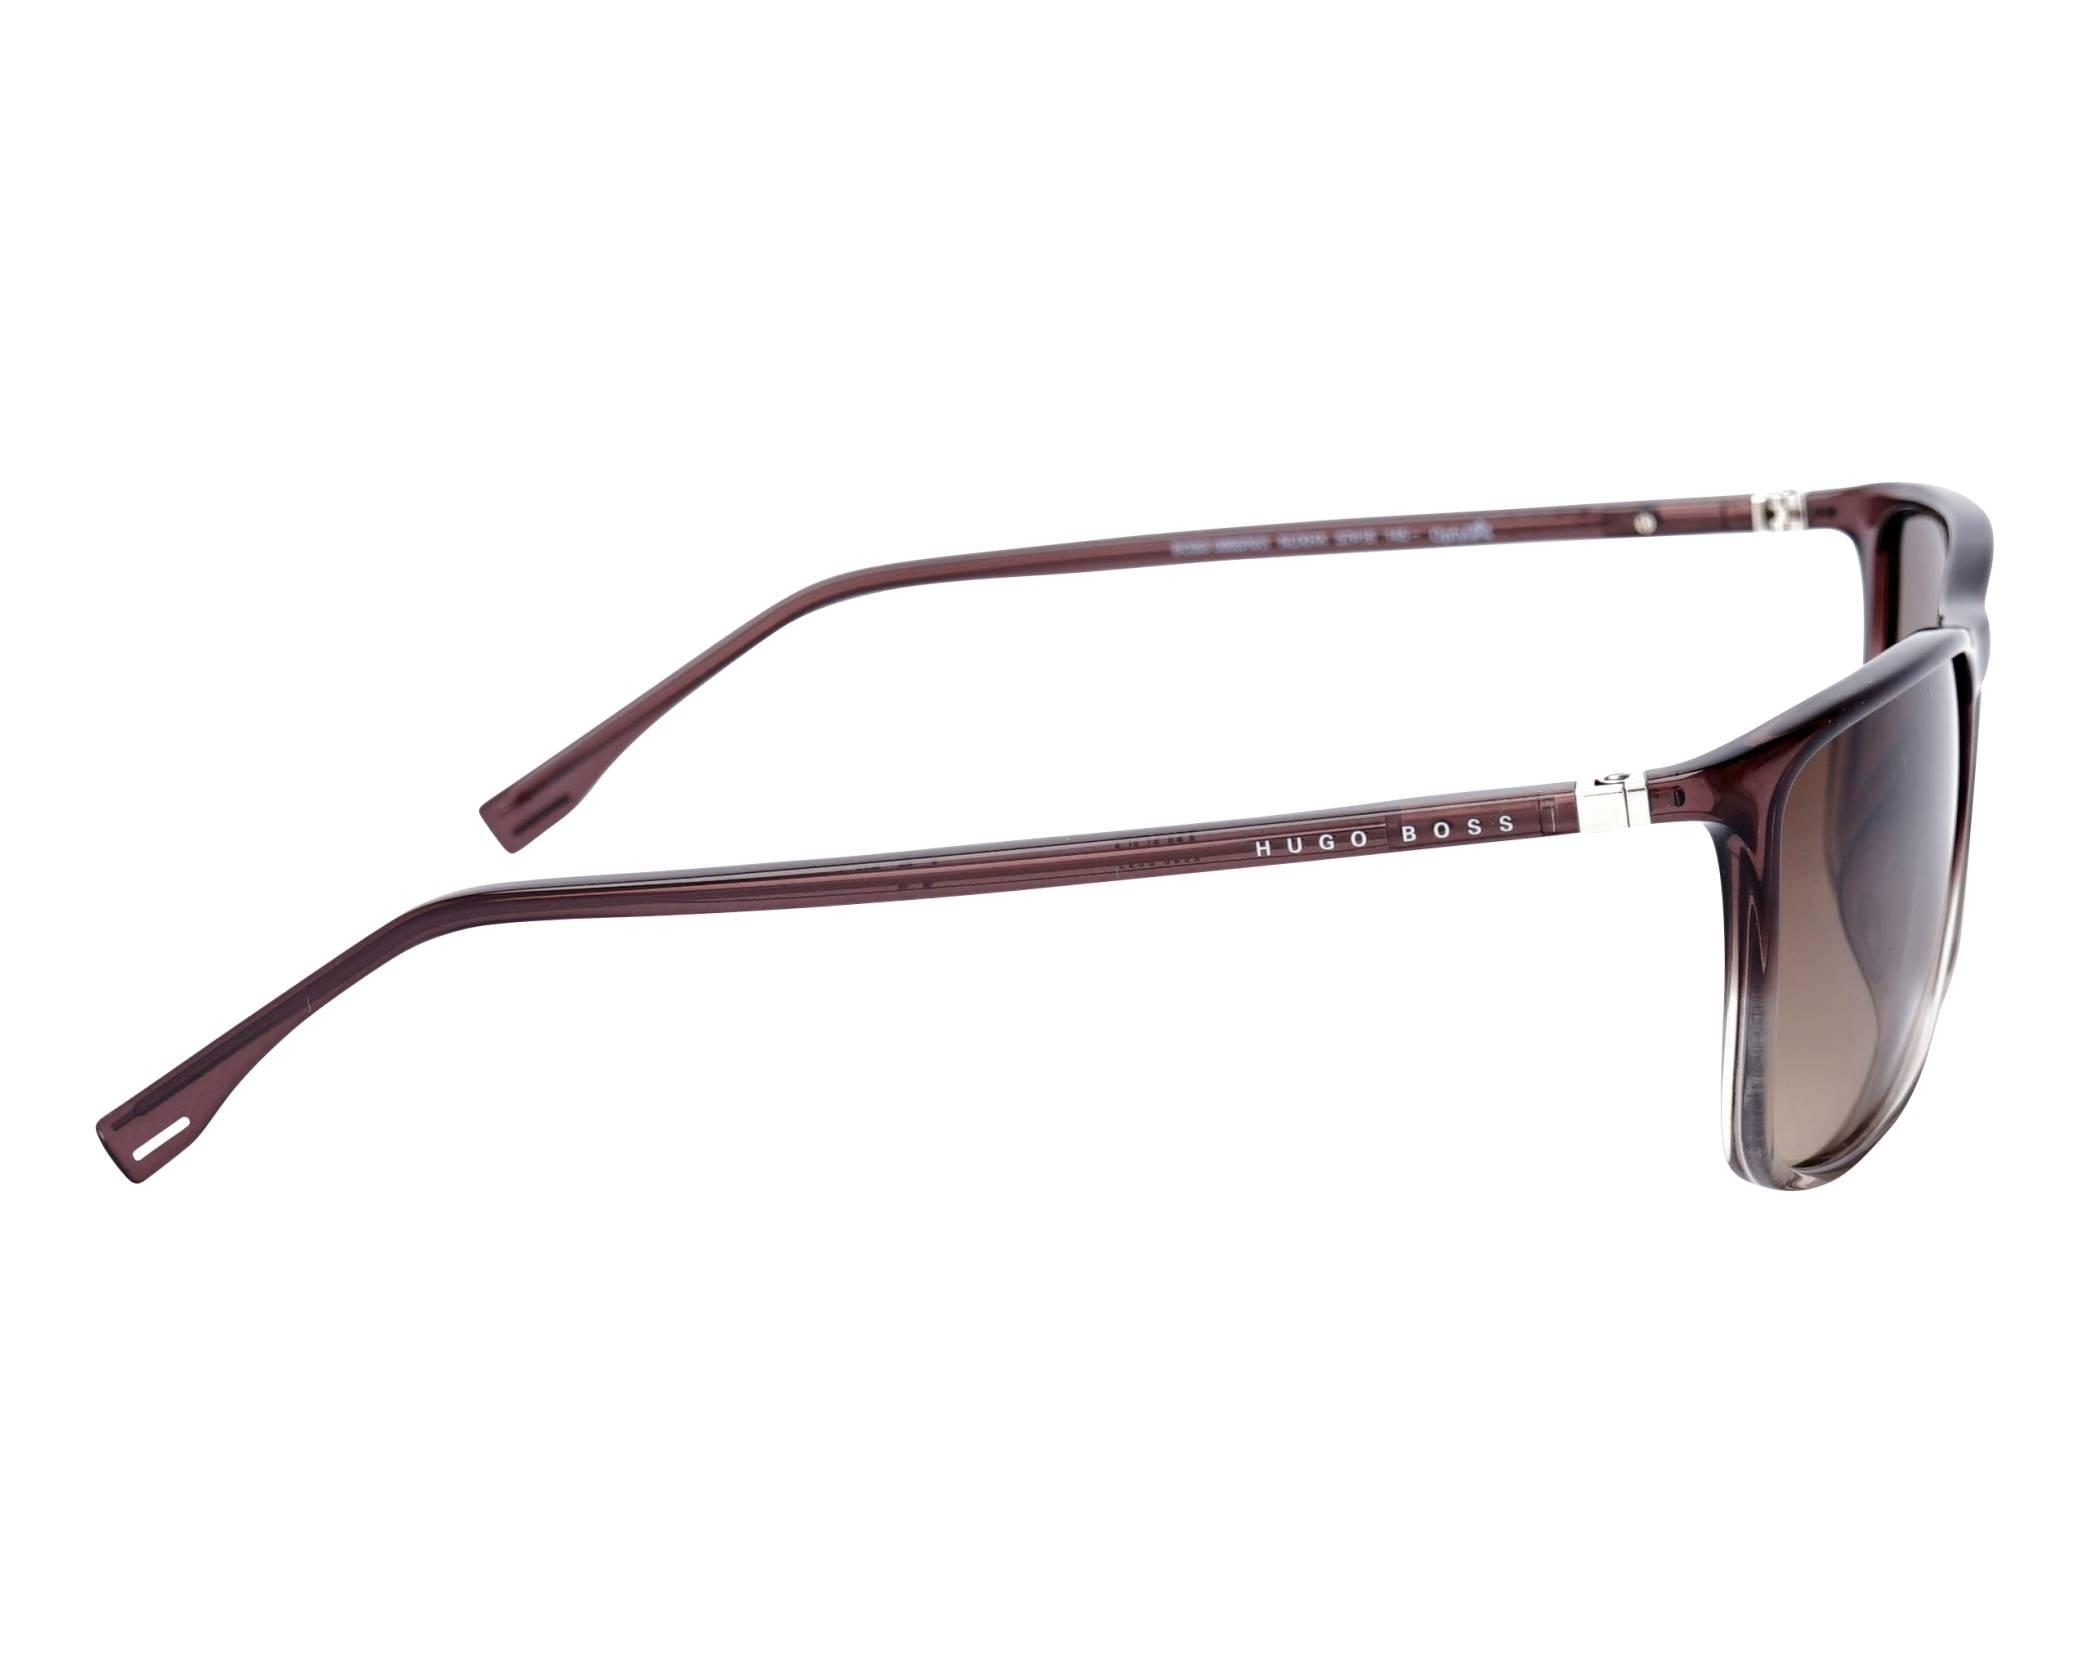 2e8f78a5047 Gafas de sol Hugo Boss BOSS-0665-N-S NUXHA 57-16 Marrón Cristal